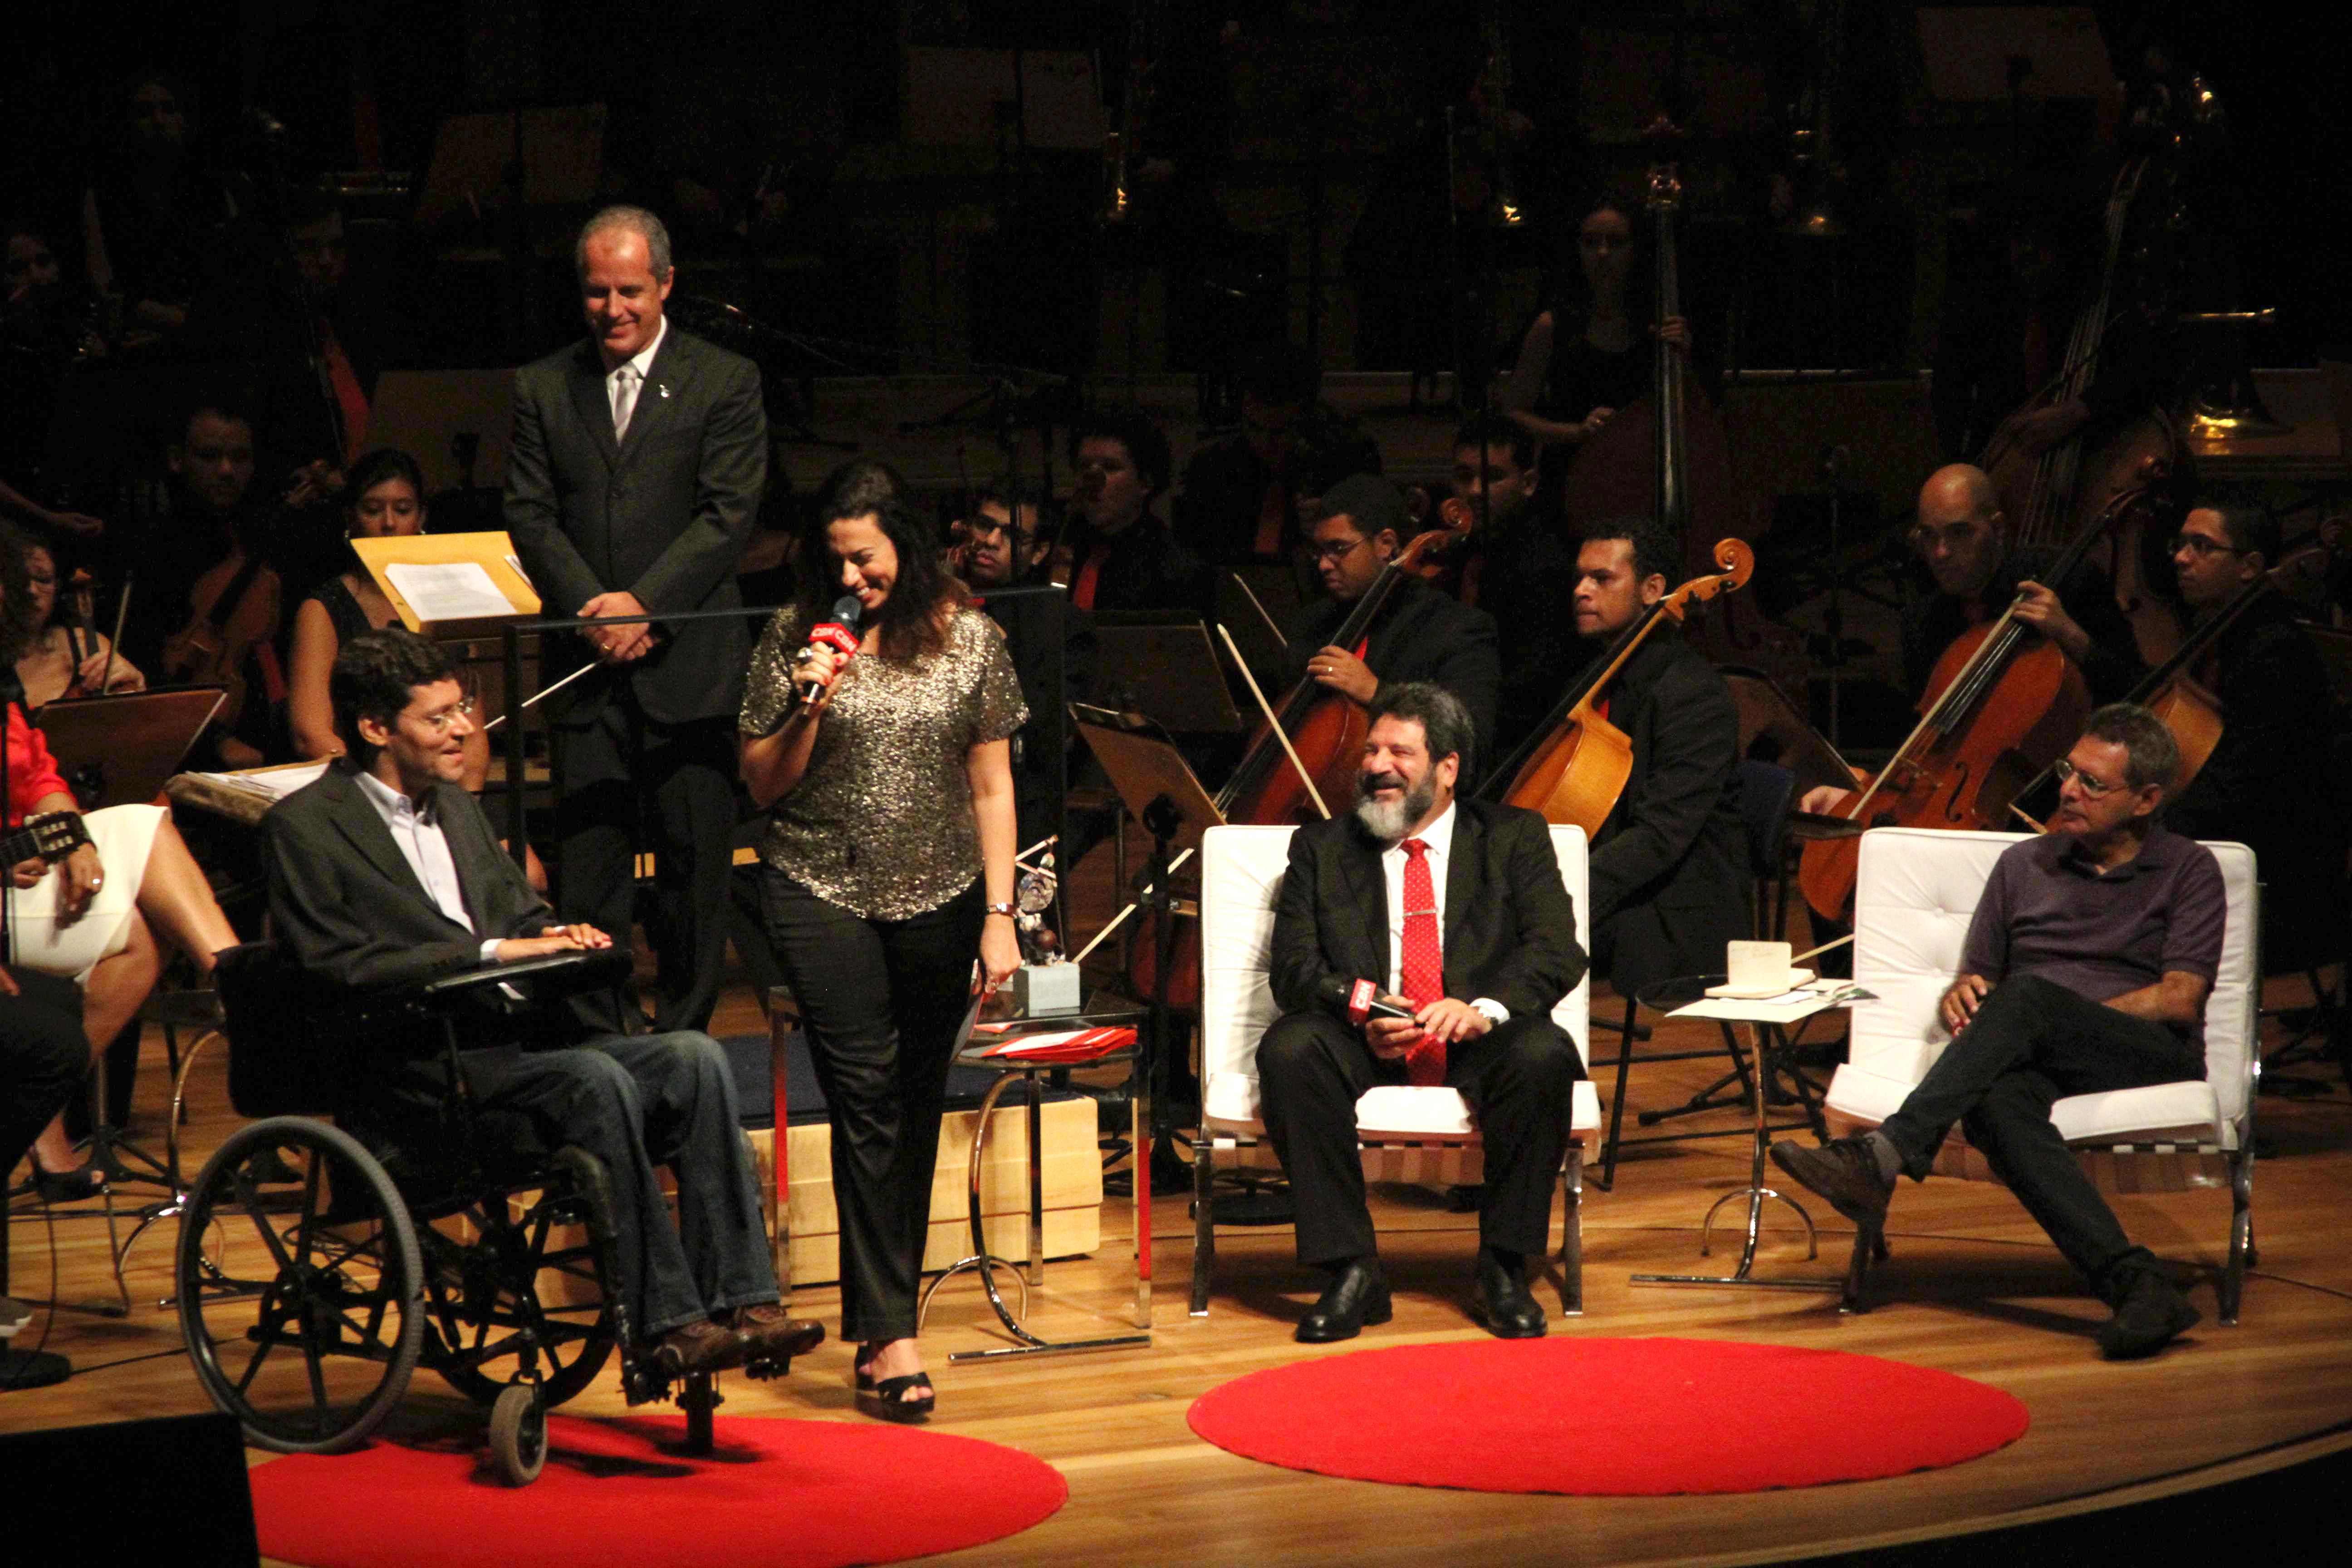 Em um palco, Rodrigo em sua cadeira de rodas, está ao lado de mulher que segura microfone. Ao lado direito da imagem, dois homens sentados em poltronas. Ao fundo maestro e orquestra. Todos sorriem e olham para Rodrigo.